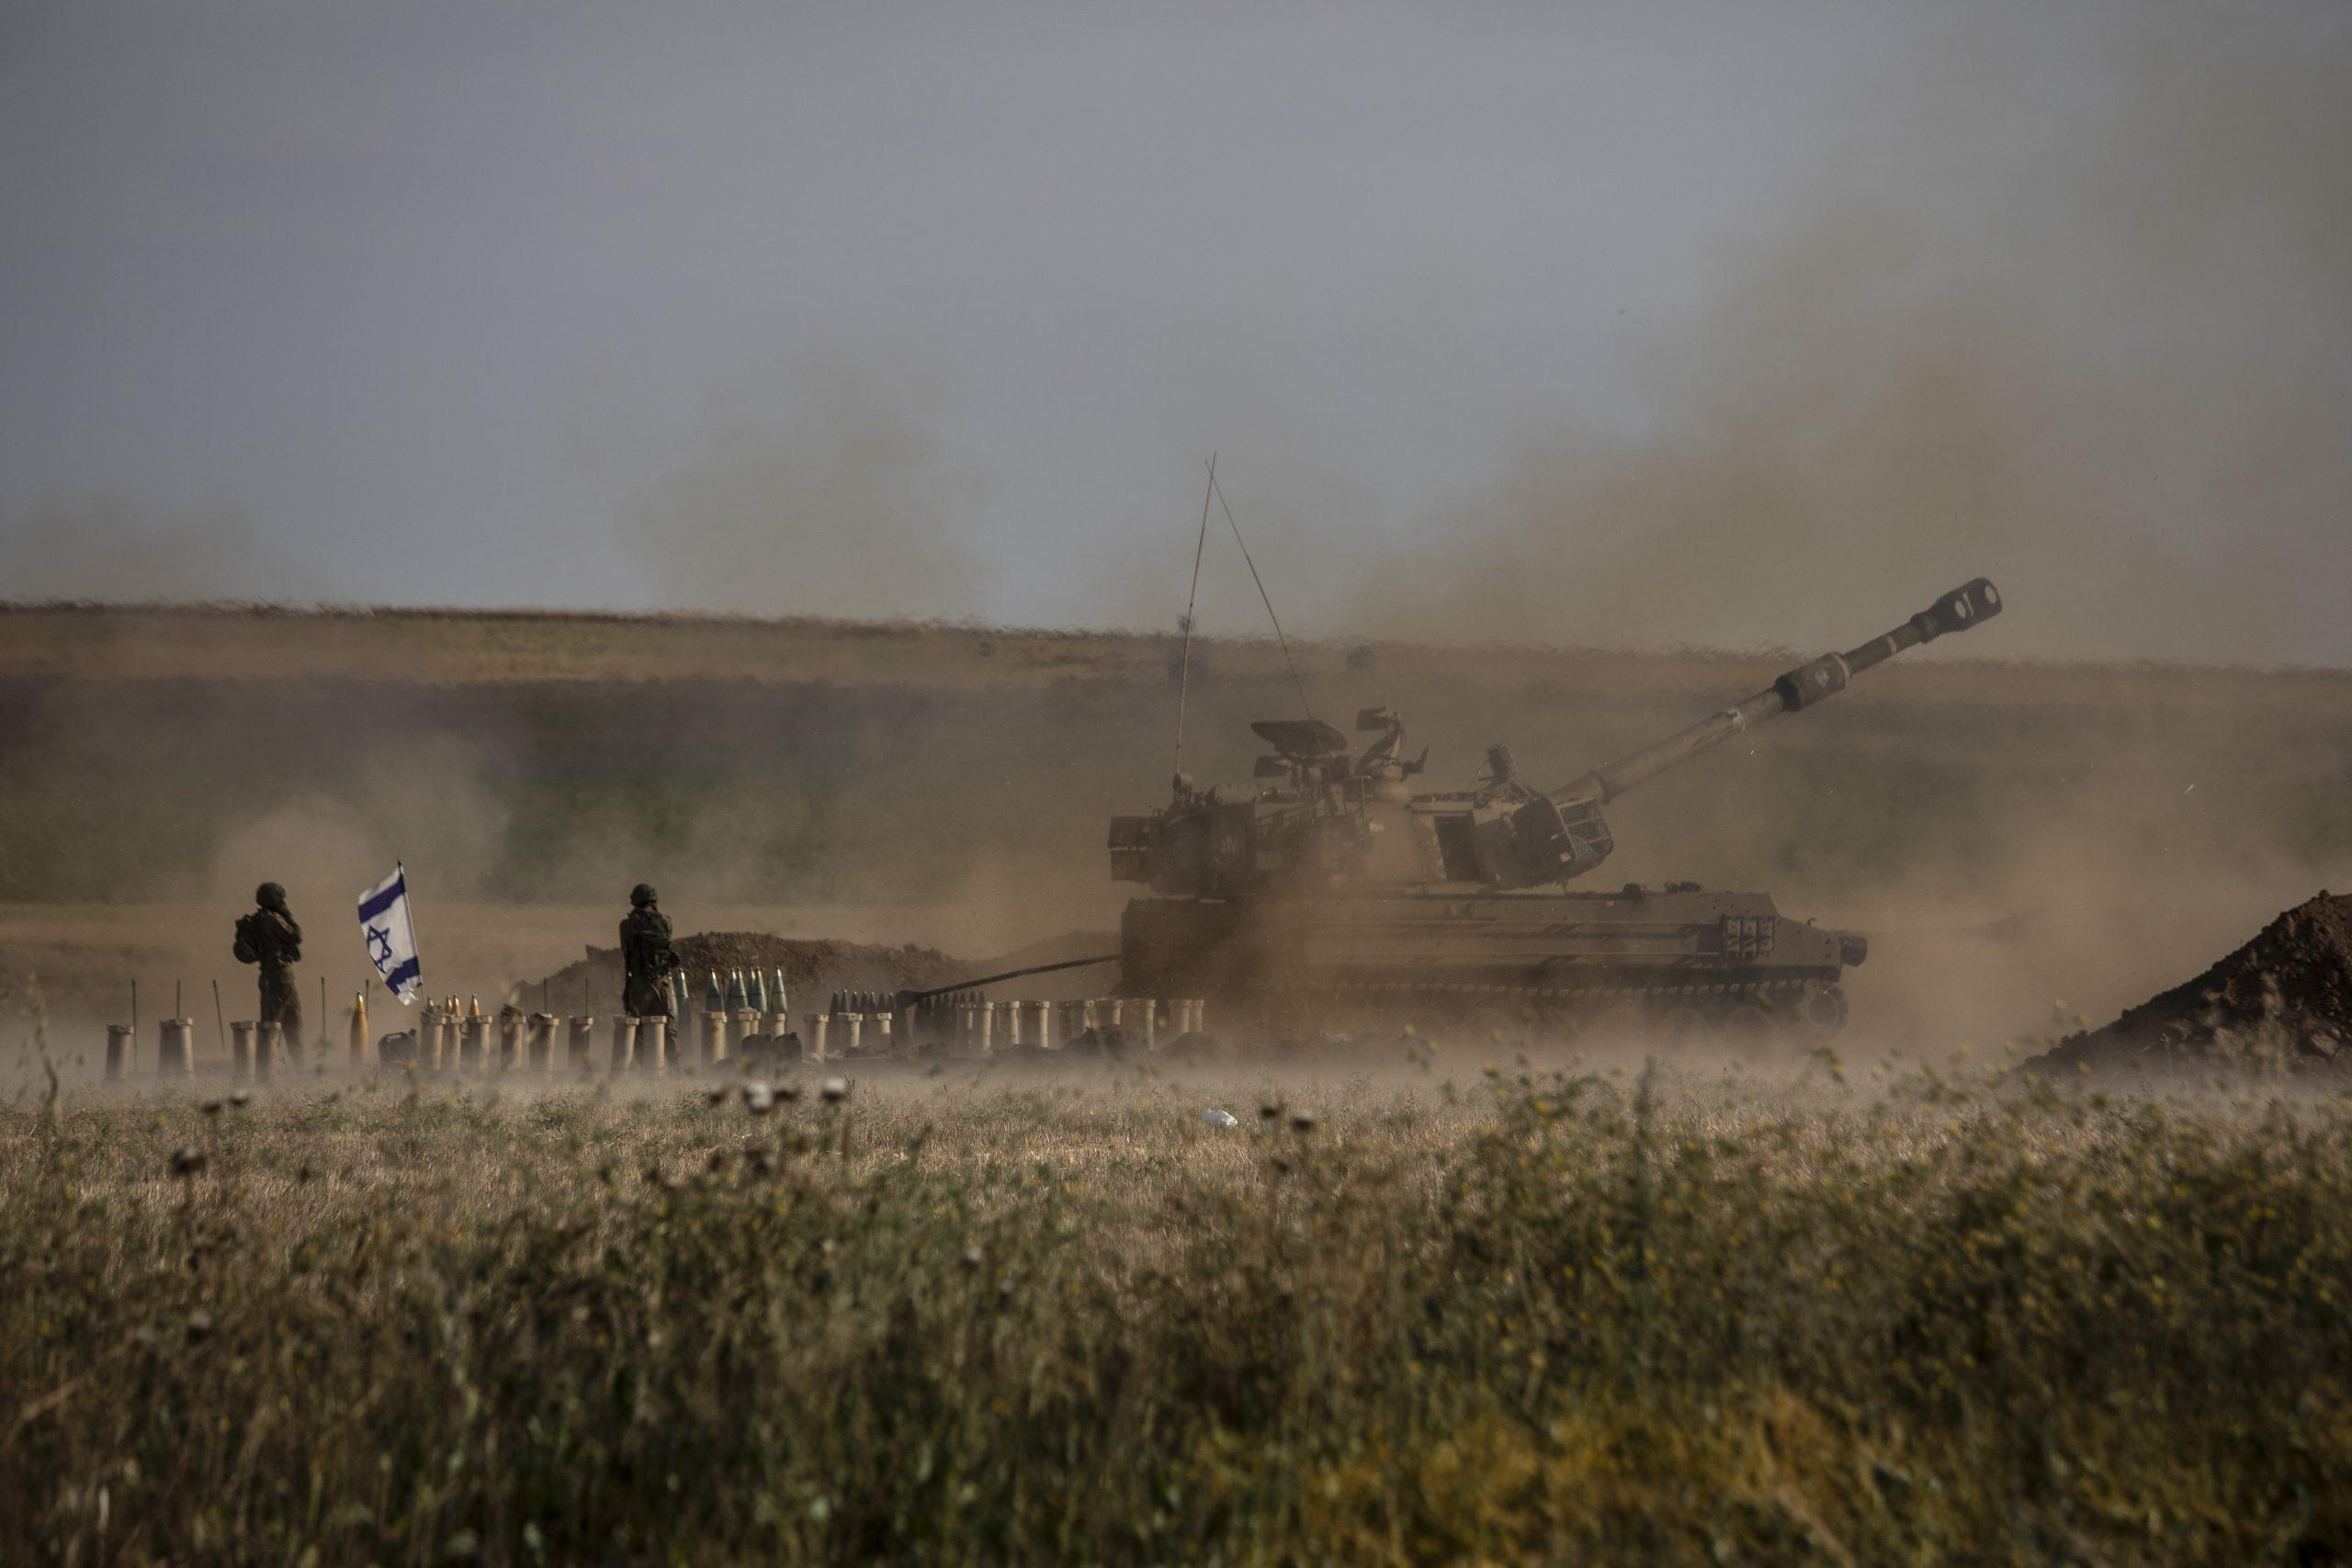 Mediji: Već sutra moguć prekid vatre u izraelsko-palestinskom sukobu 1